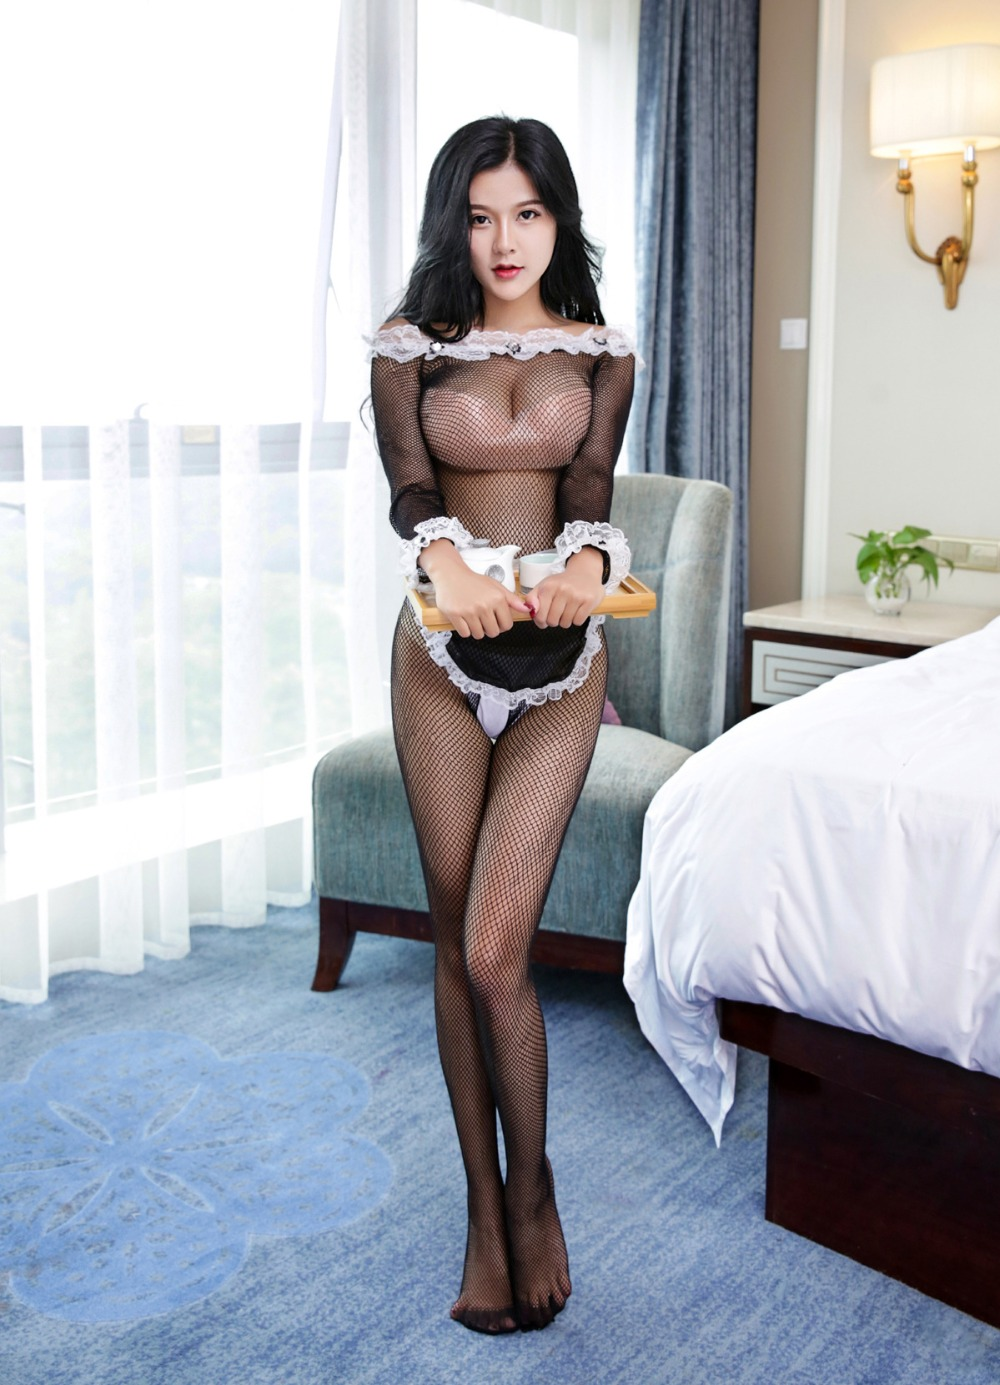 Dania porno